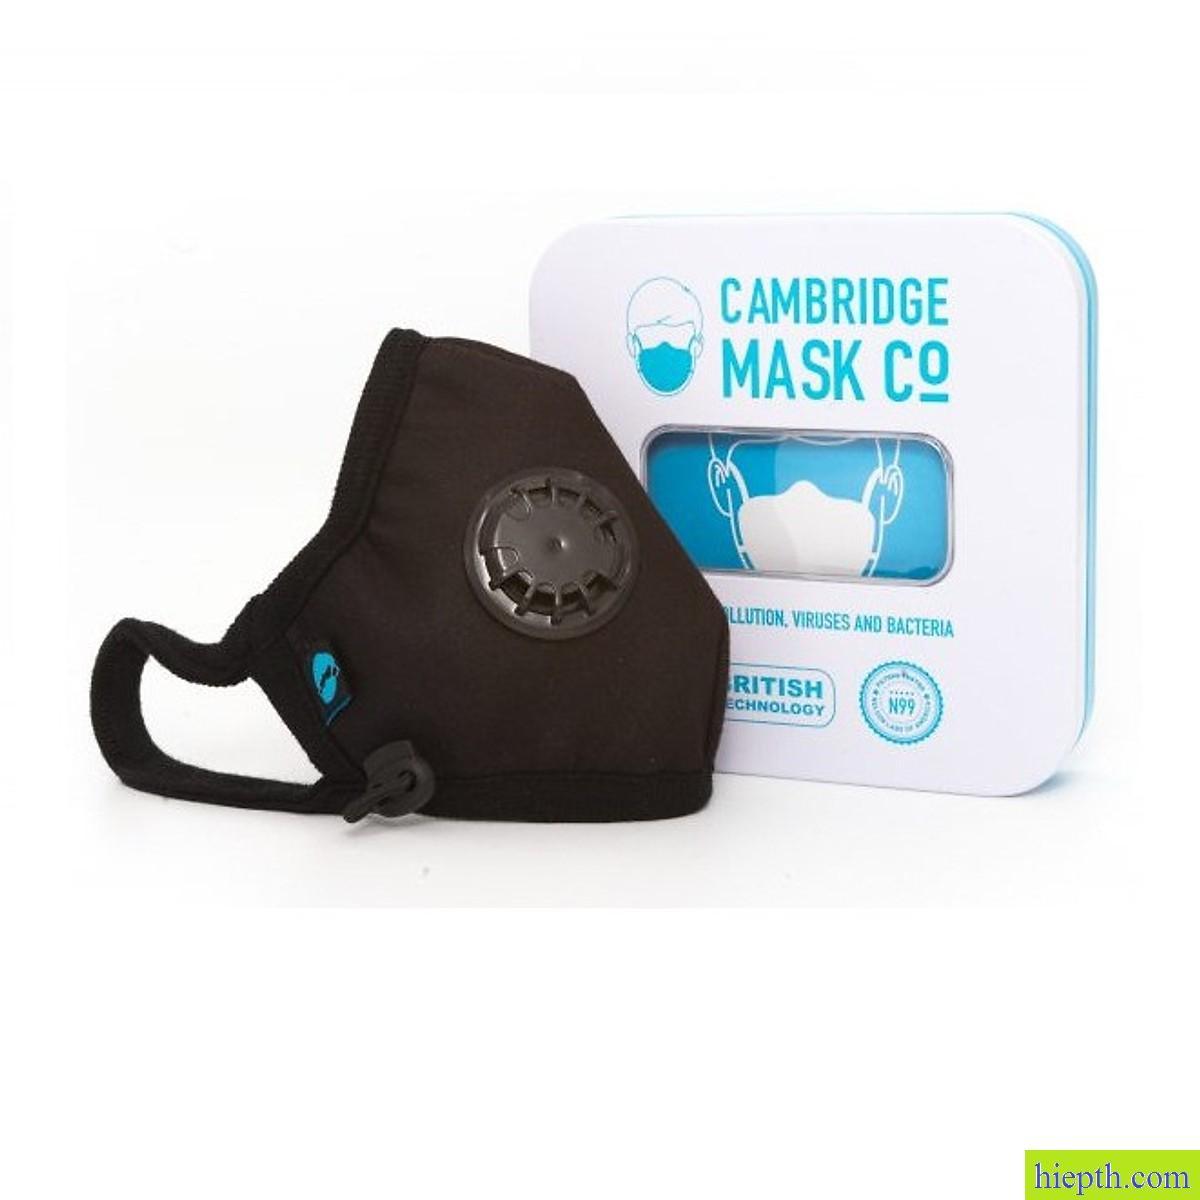 khau-trang-cambridge-mask